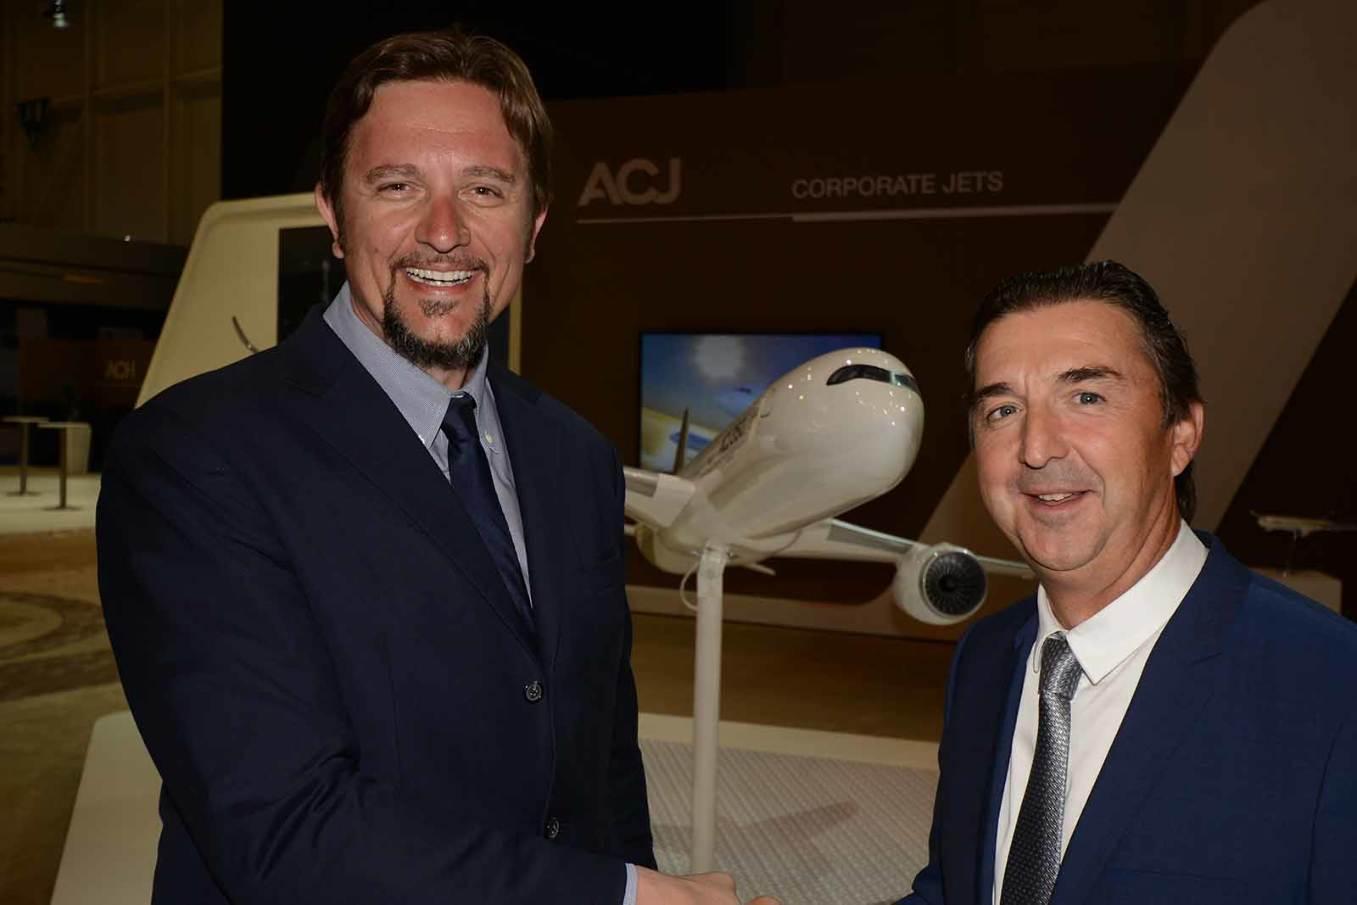 Sabena Technics agréé par Airbus Corporate Jets